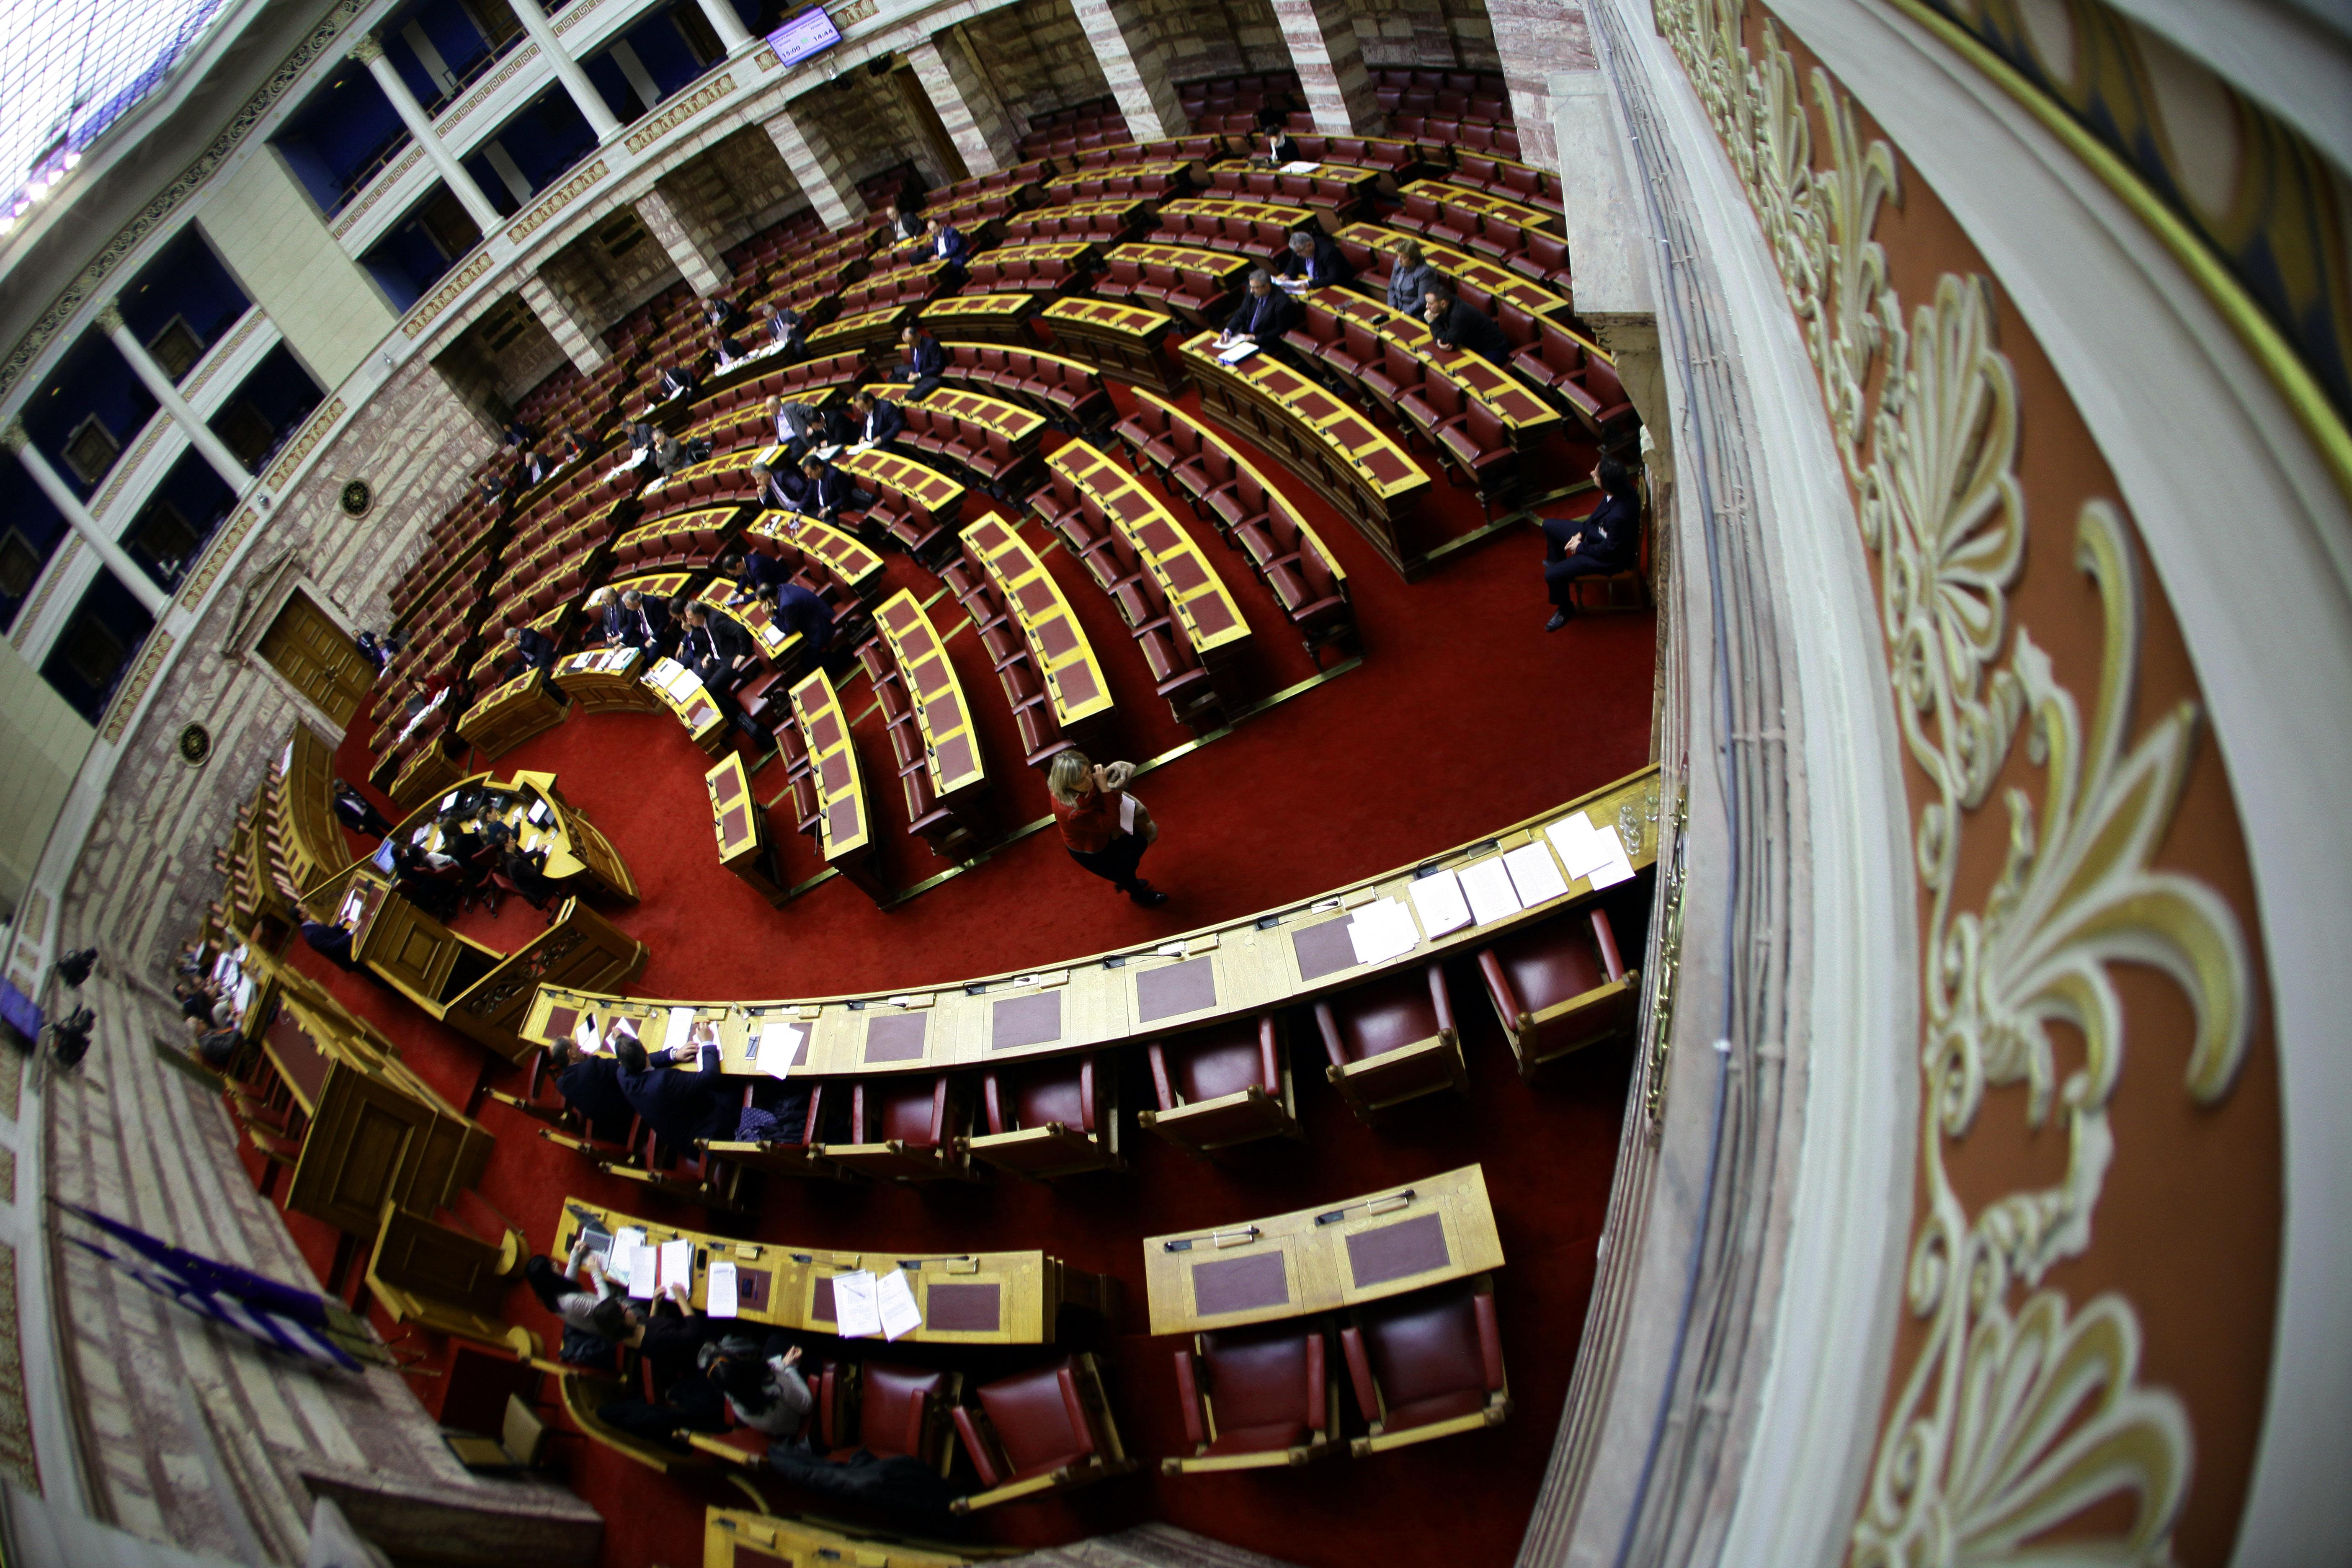 Ψηφίστηκε η τρίμηνη παράταση για την υποβολή των «πόθεν έσχες» | tovima.gr